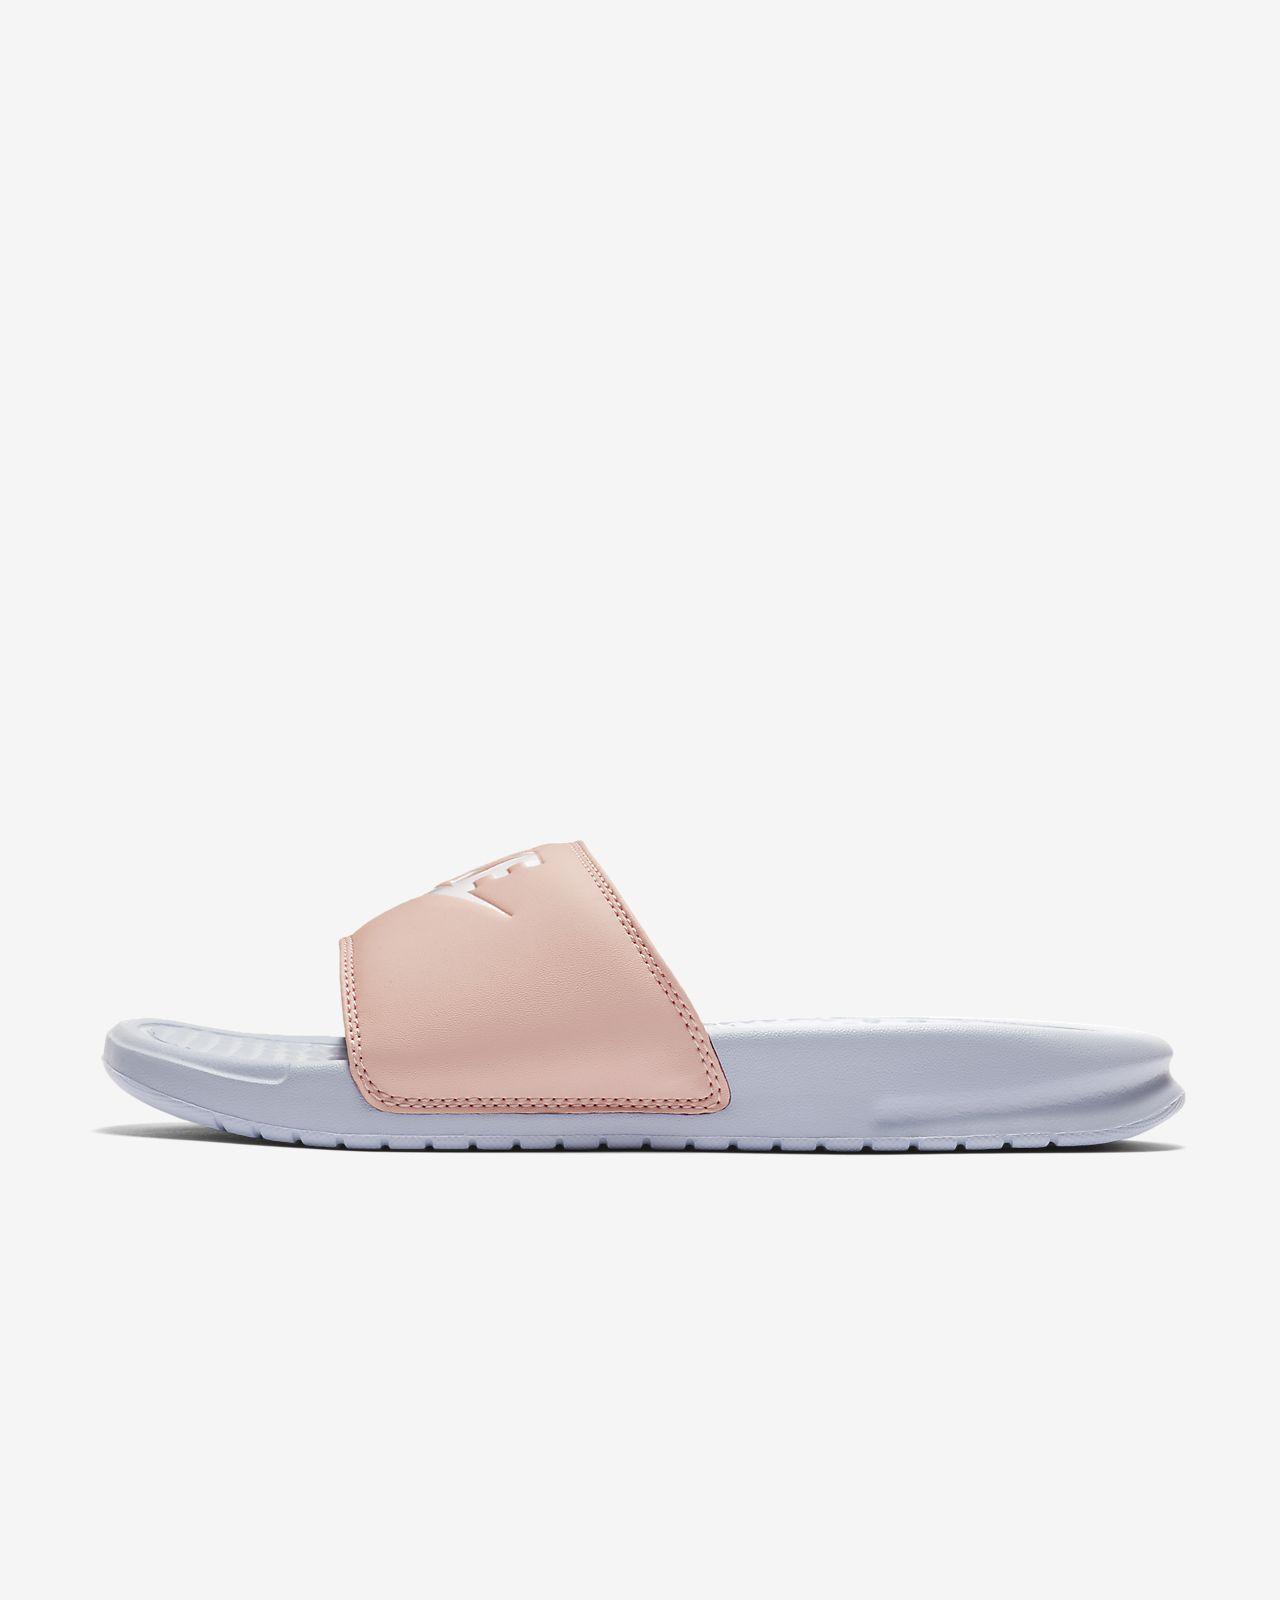 รองเท้าแตะผู้หญิงแบบสวม Nike Benassi